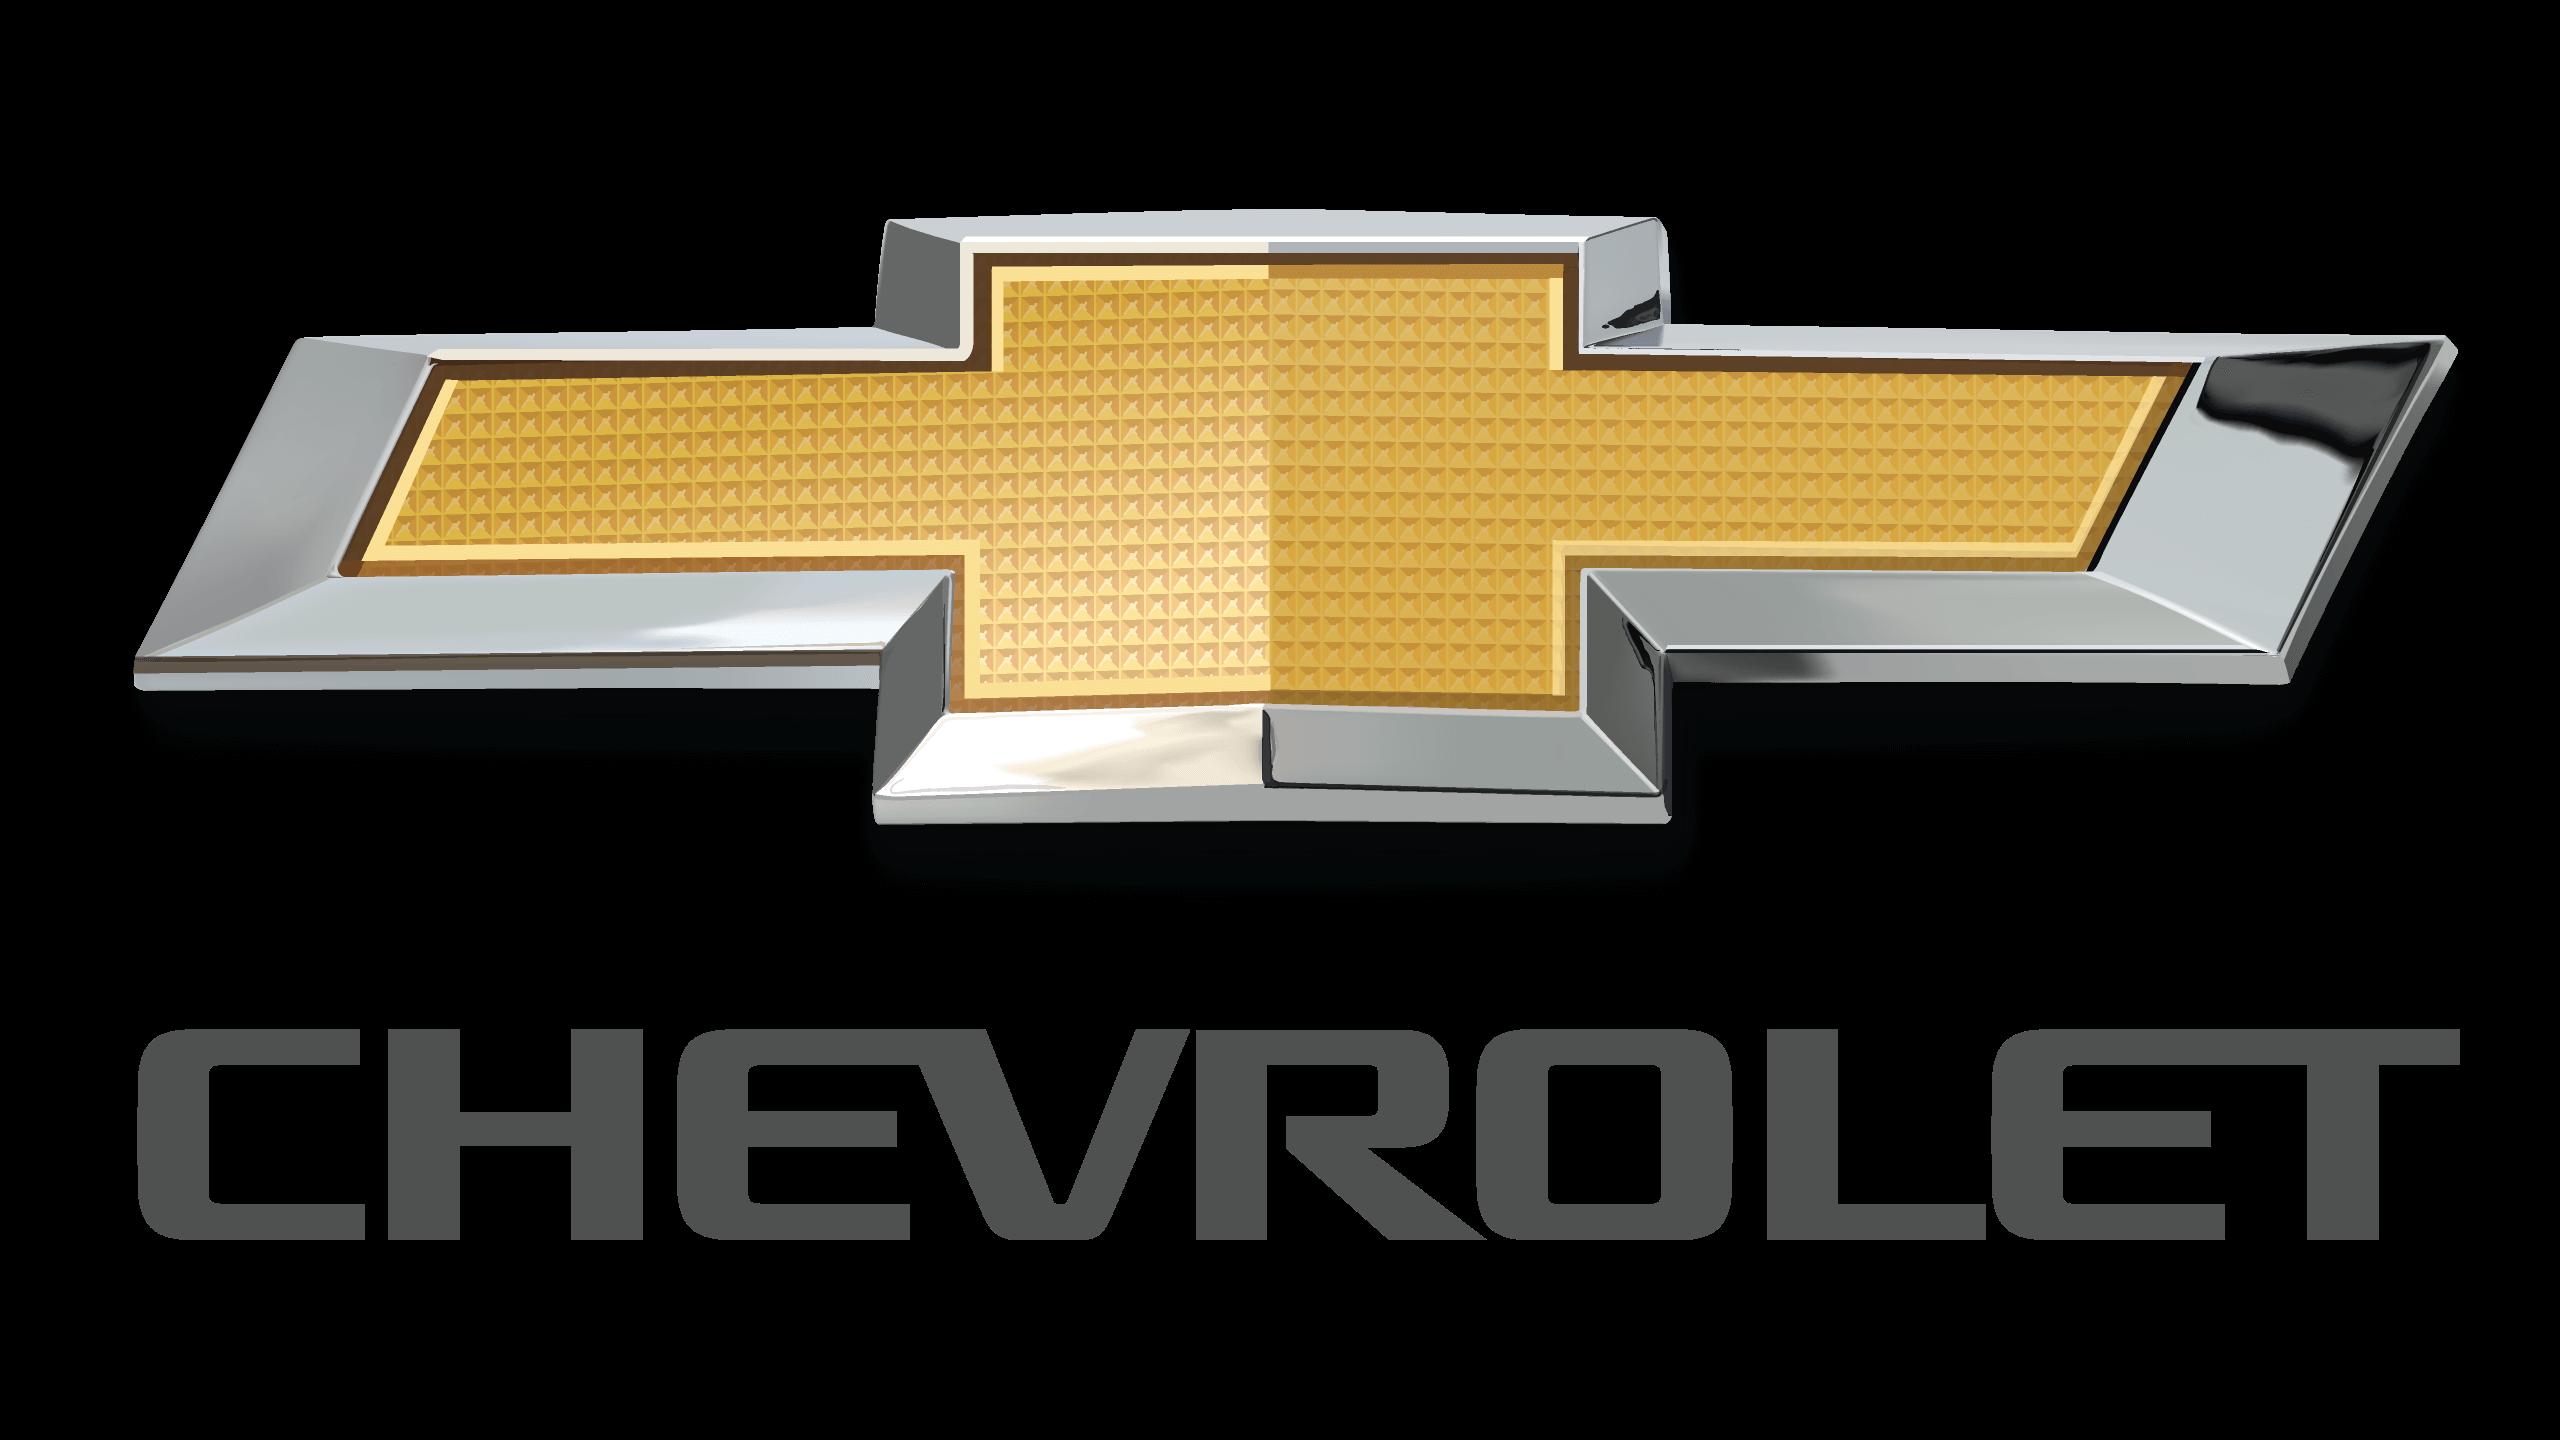 http://rpmautolease.com/wp-content/uploads/2017/08/Chevrolet-logo-2013-2560x1440.png